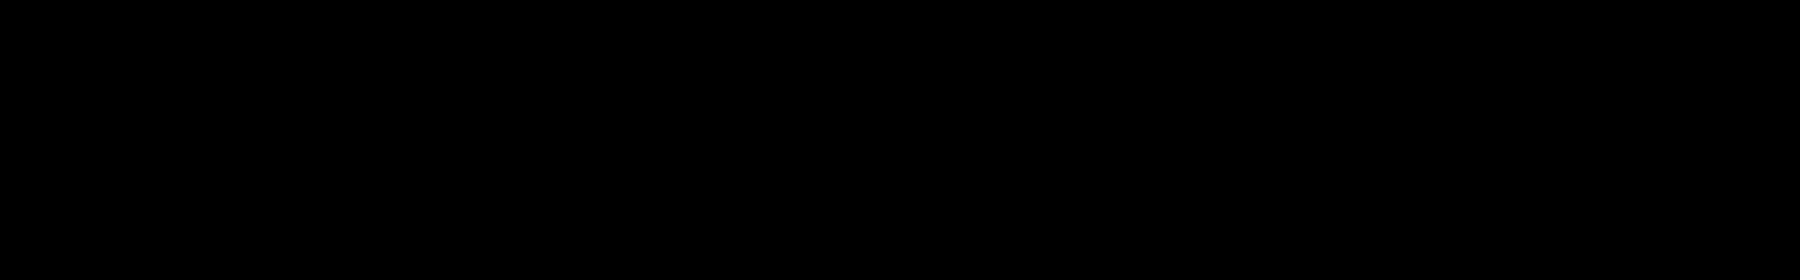 Strata - Serum Ambient Presets audio waveform